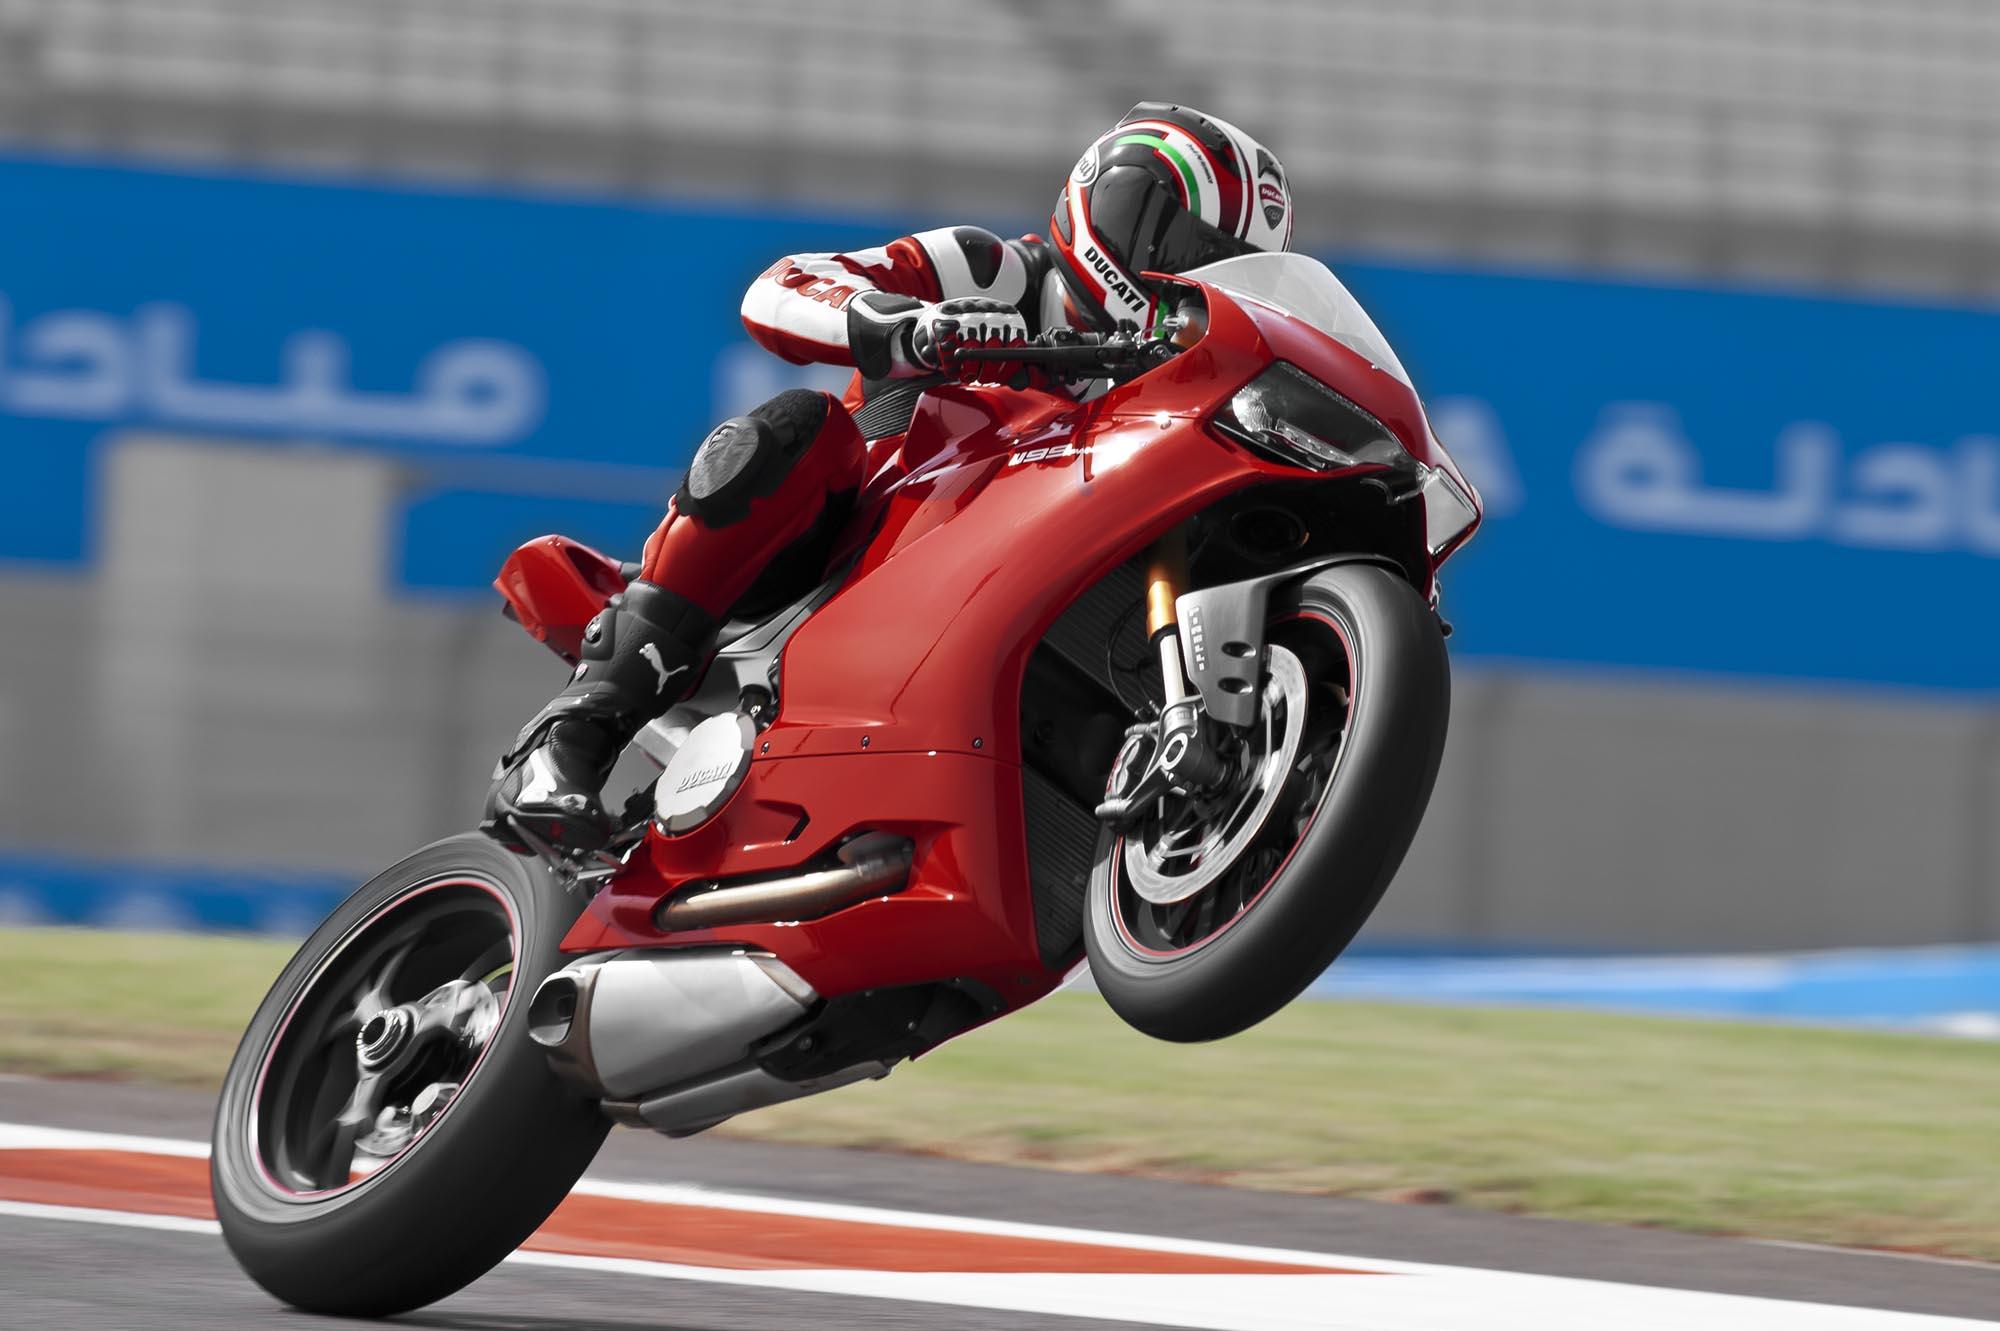 Ducati-1199-Panigale-Yas-Marina-Circuit-26.jpg